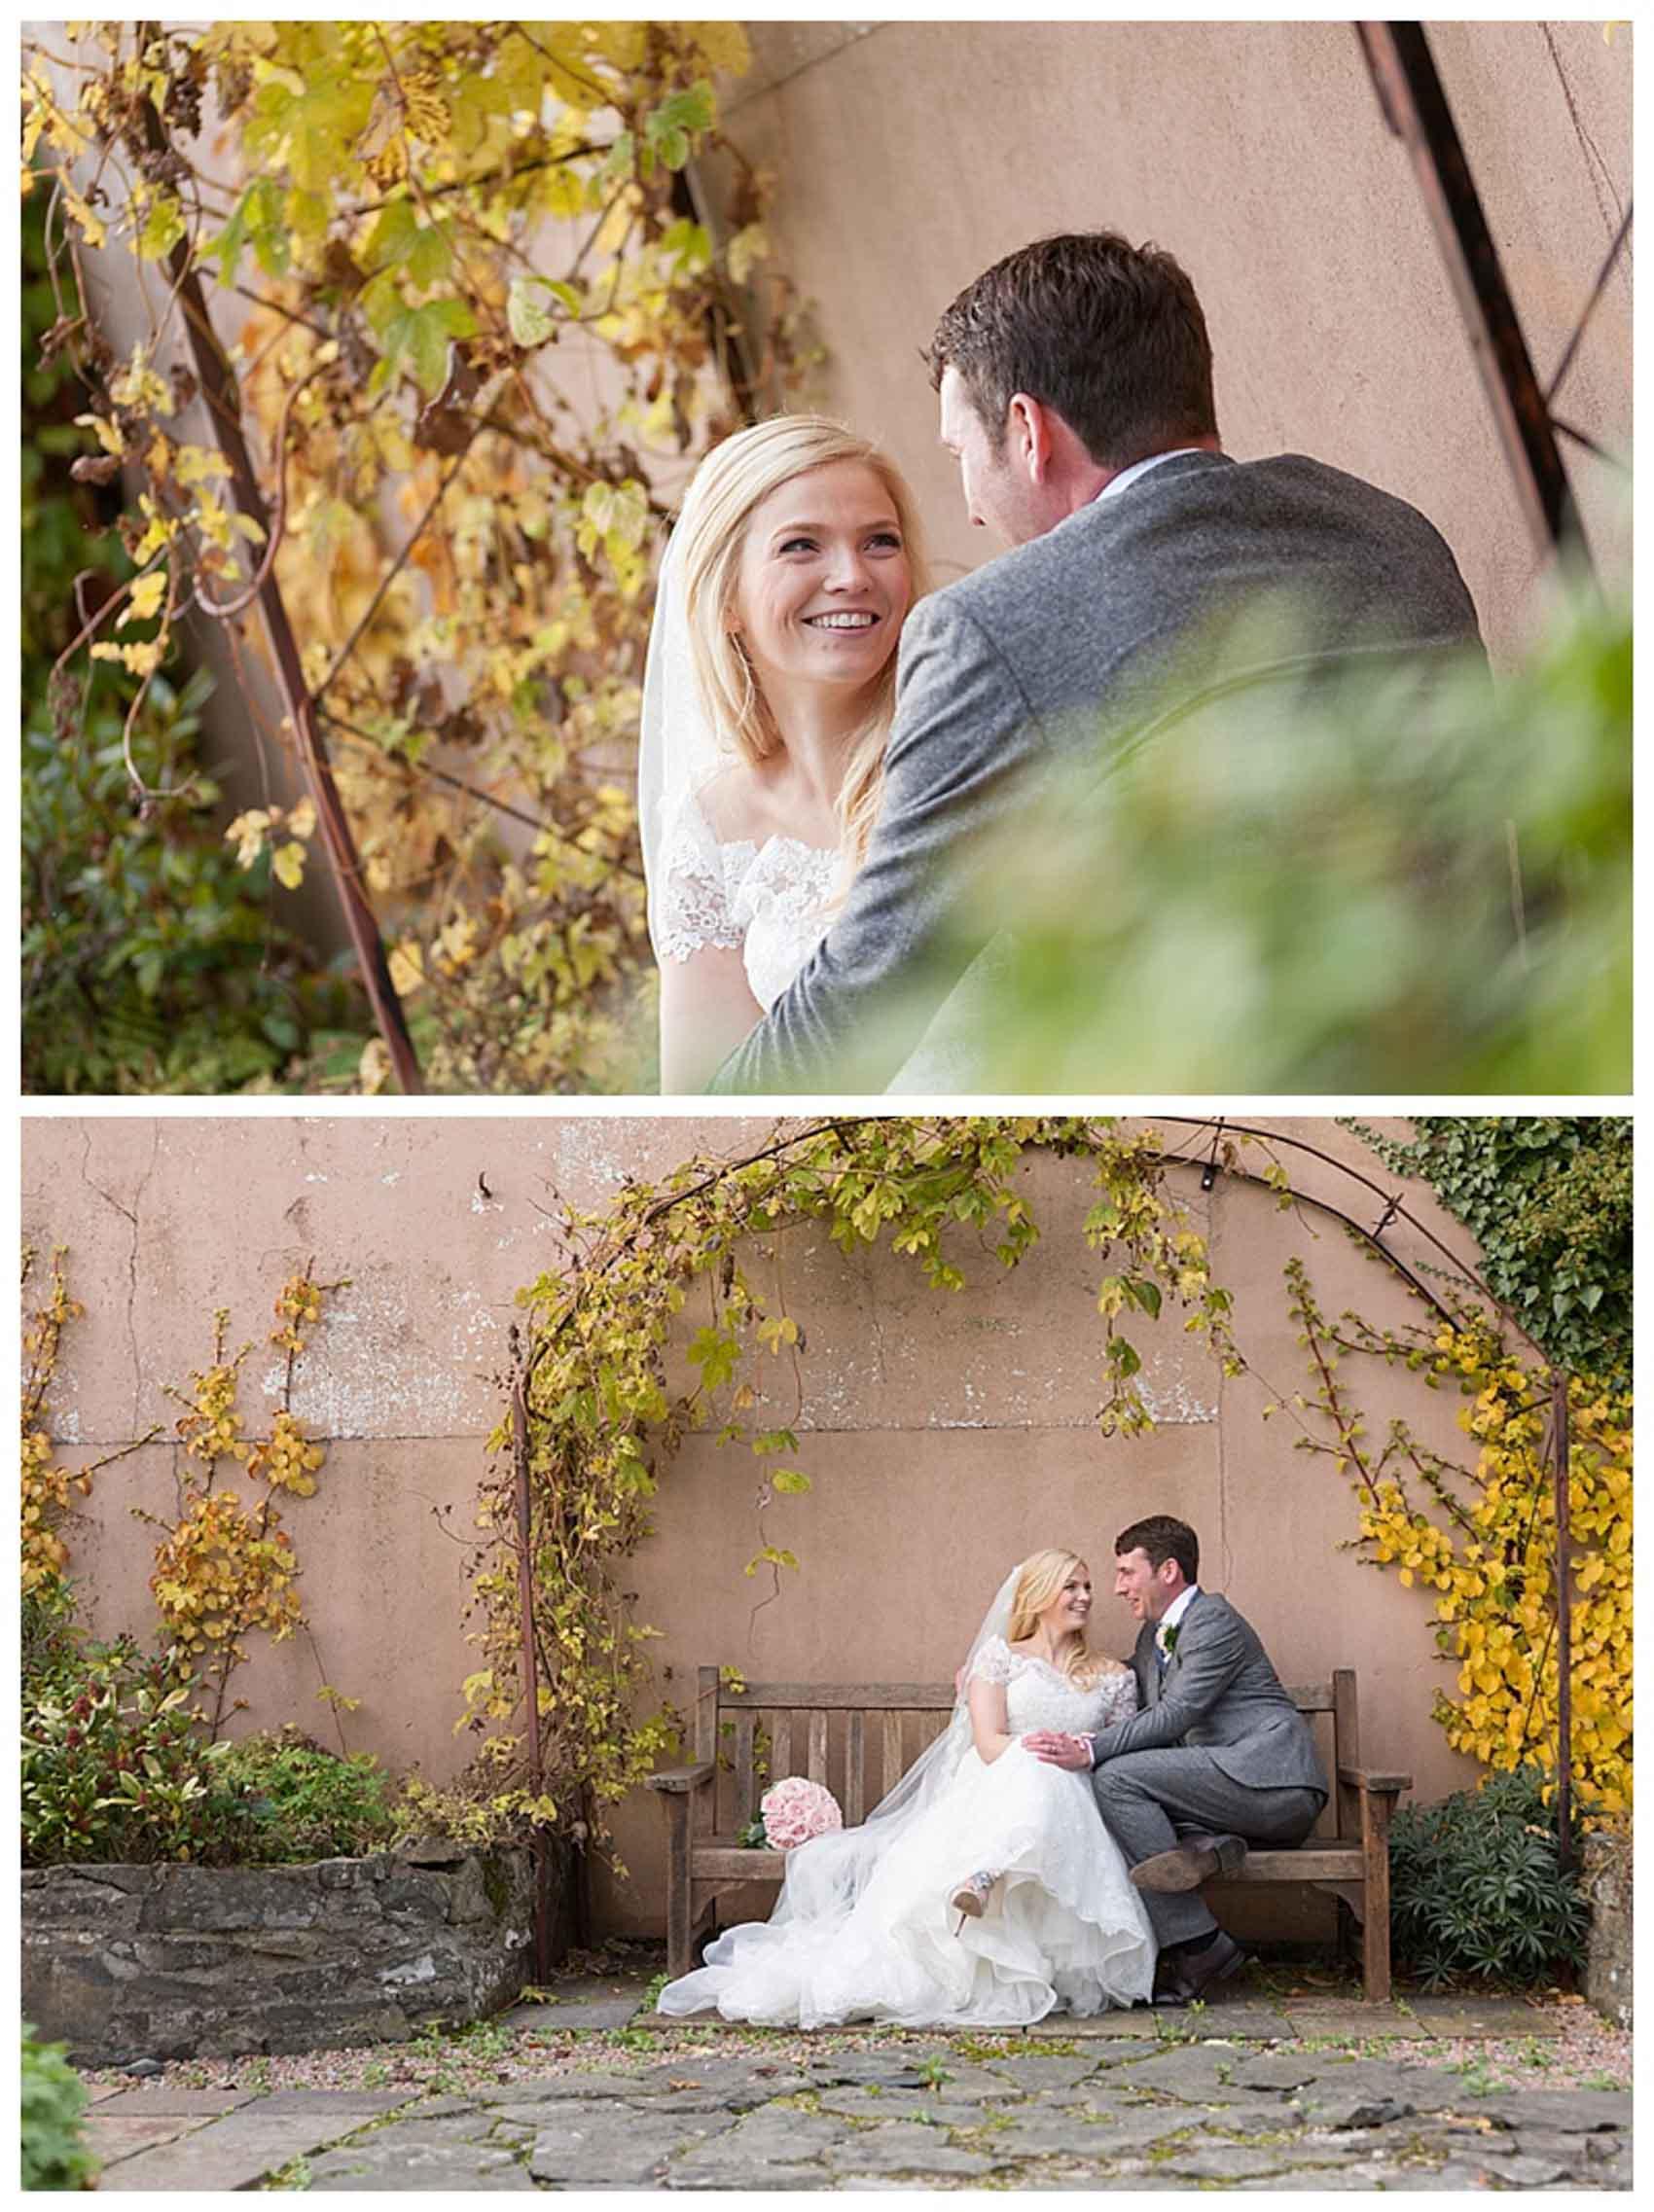 Larchfield Estate Wedding Photography by Ricky Parker Photography 55